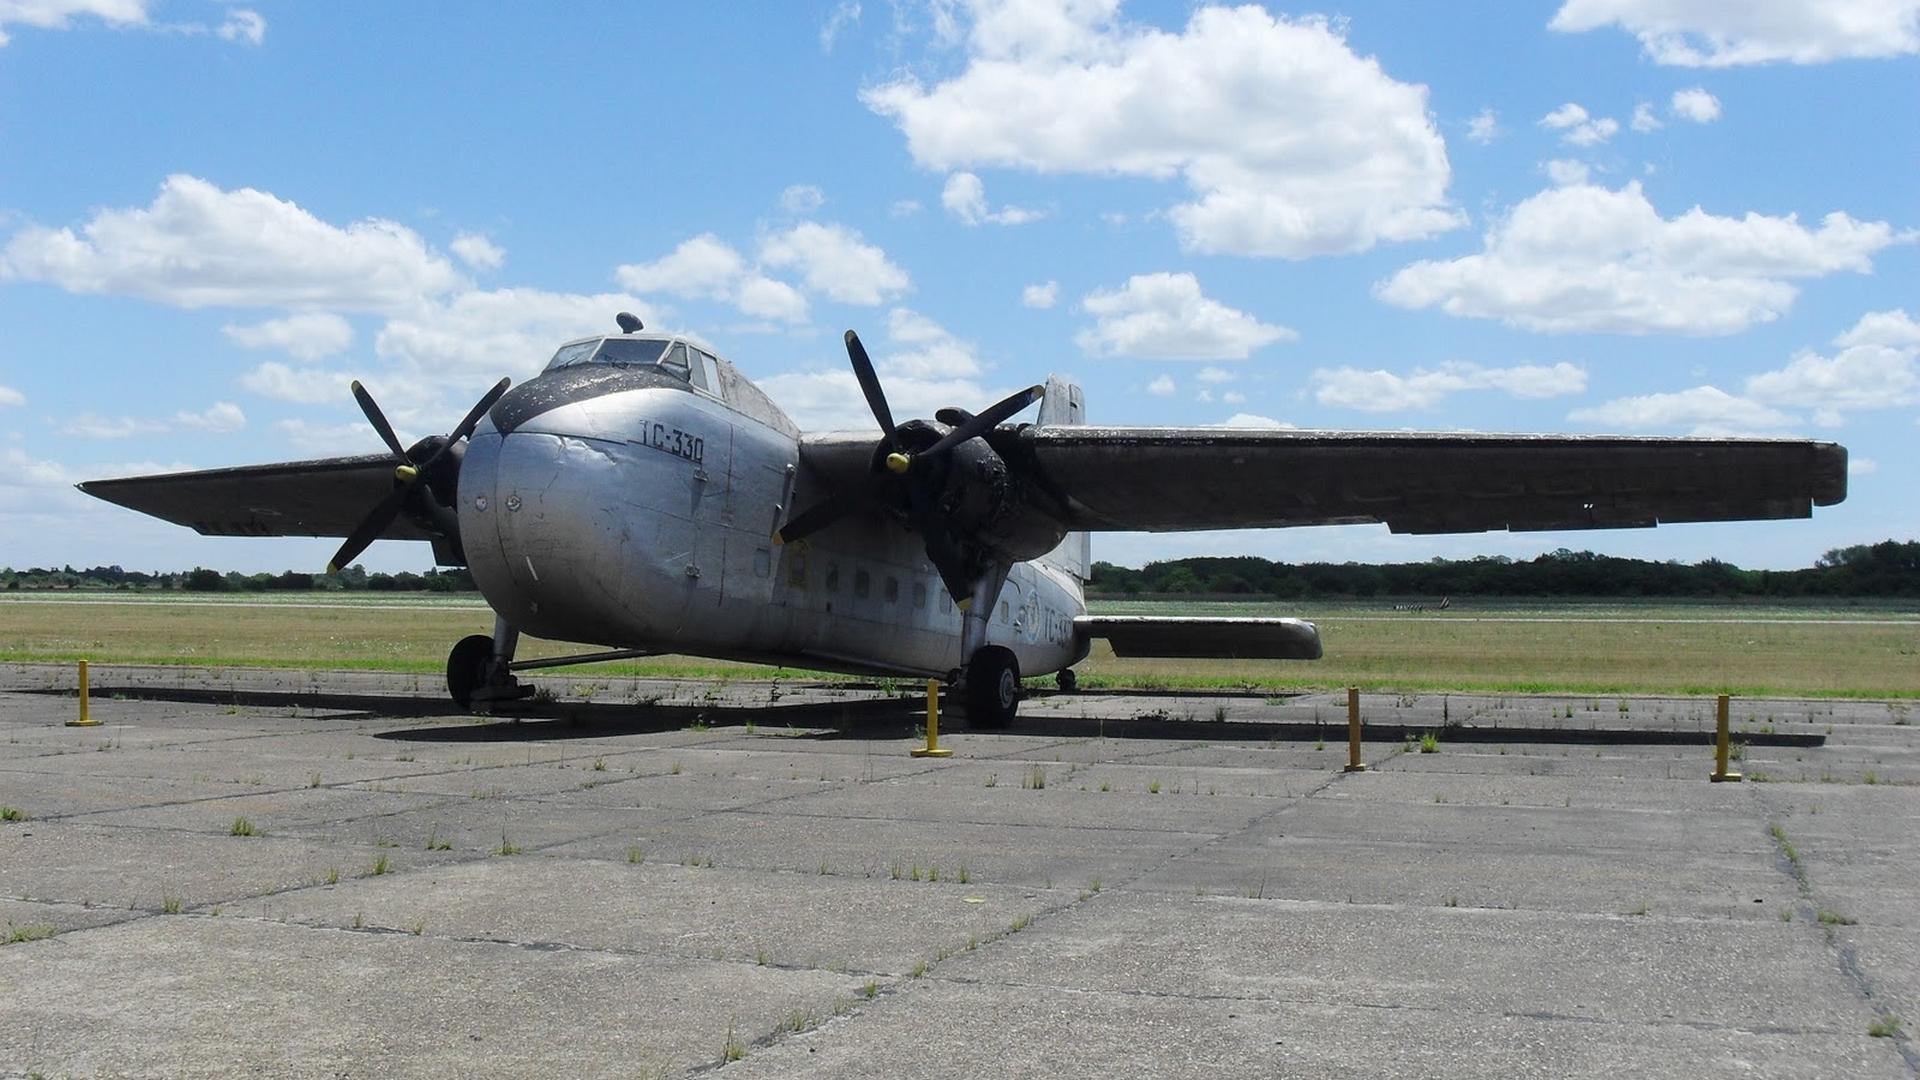 Bristol 170 Mk.i Freighter